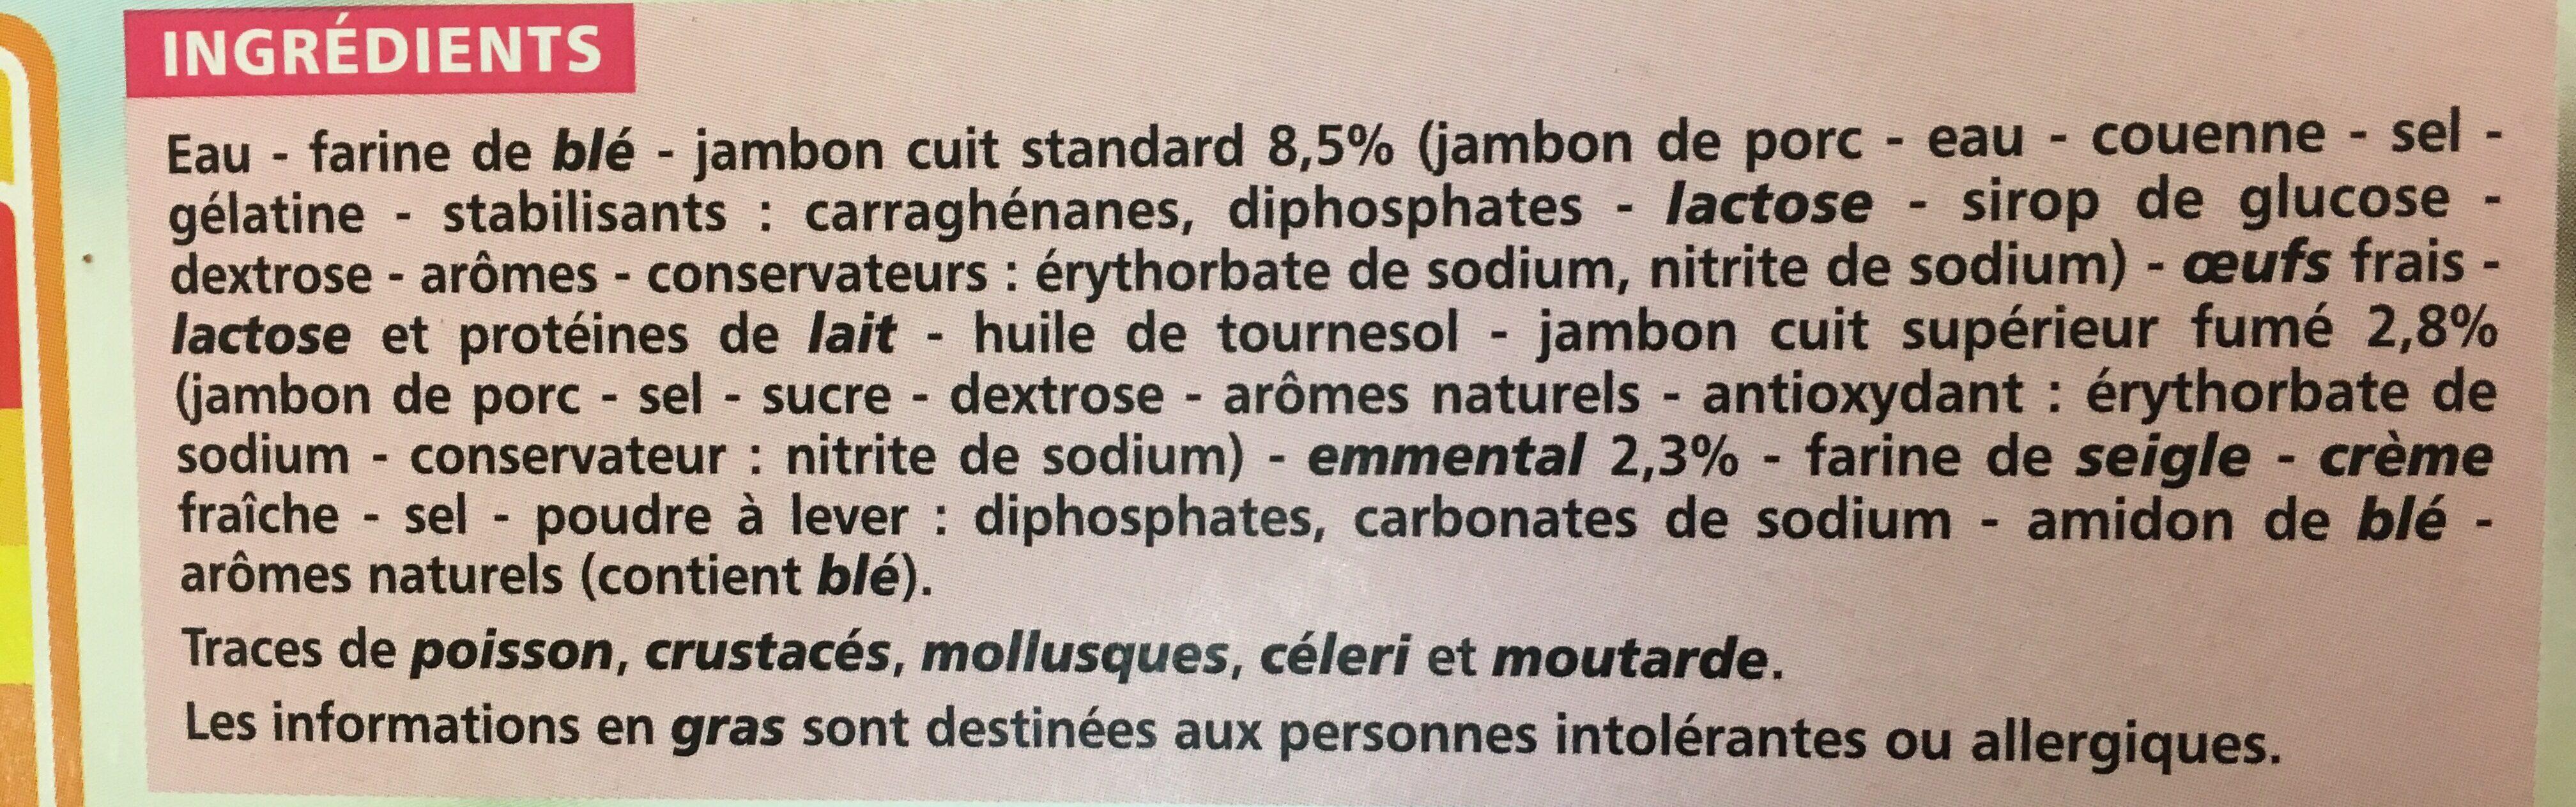 Crêpes Jambon Fromage surgelées - Ingrédients